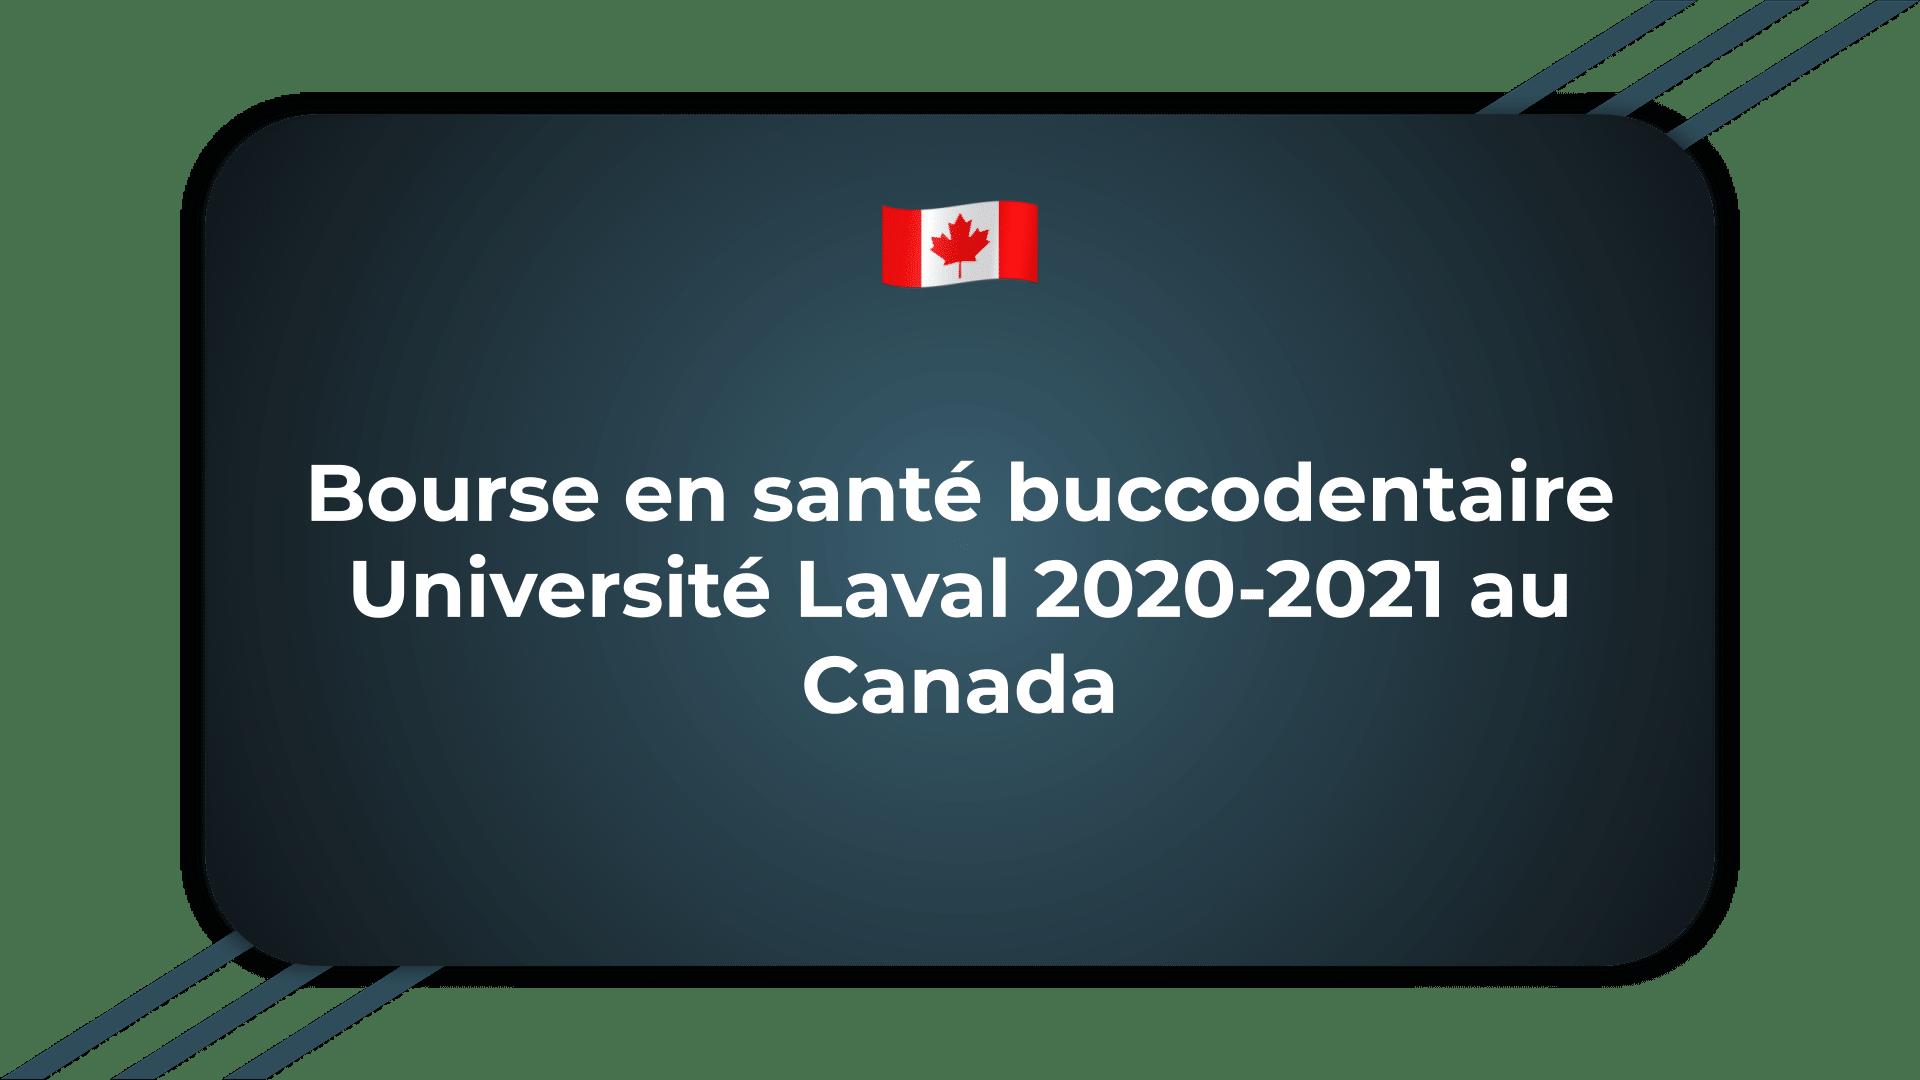 Bourse en santé buccodentaire Université Laval